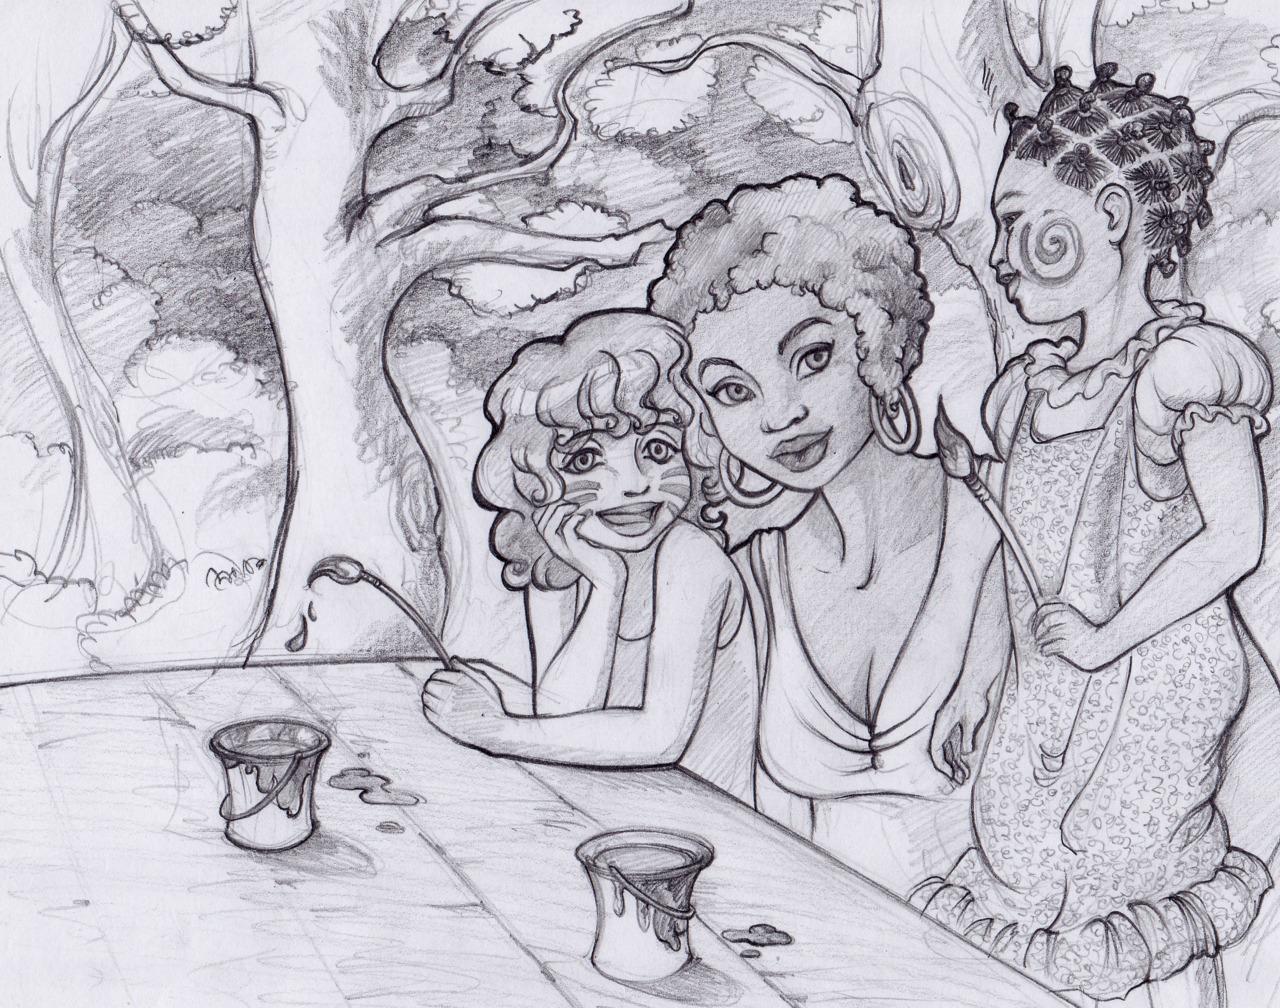 Sketch for Sparx